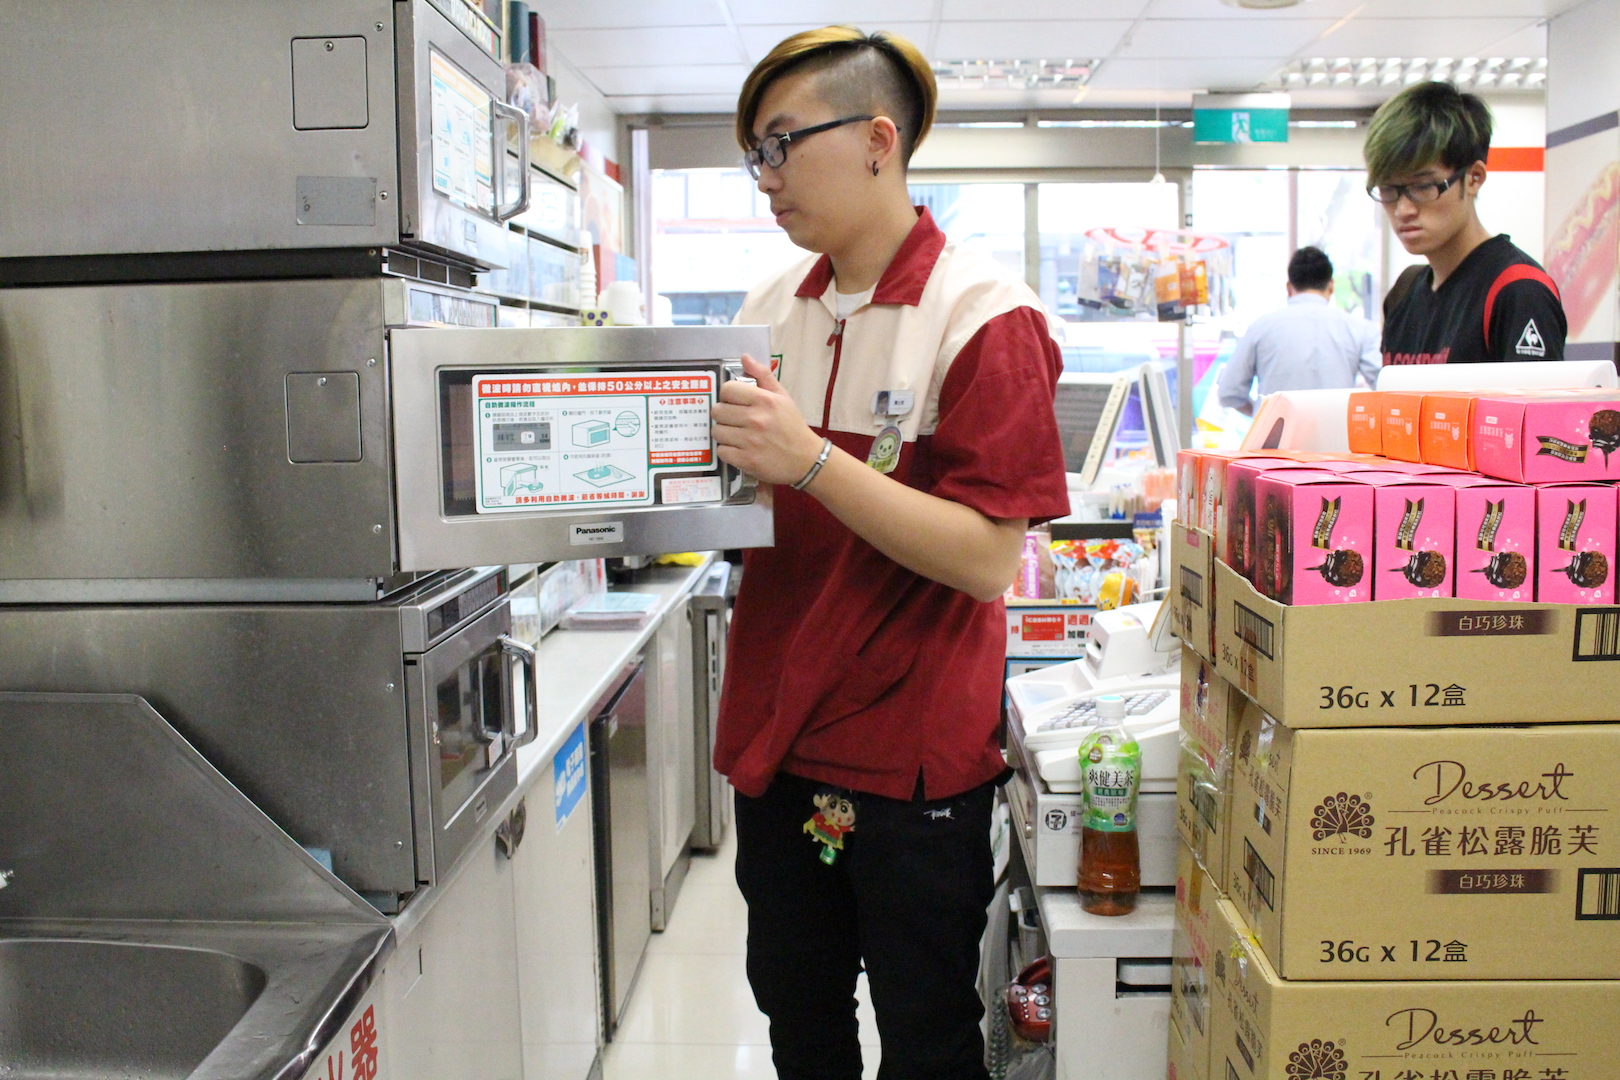 便利商店員工正在幫客人熱便當。攝影/謝孟儒